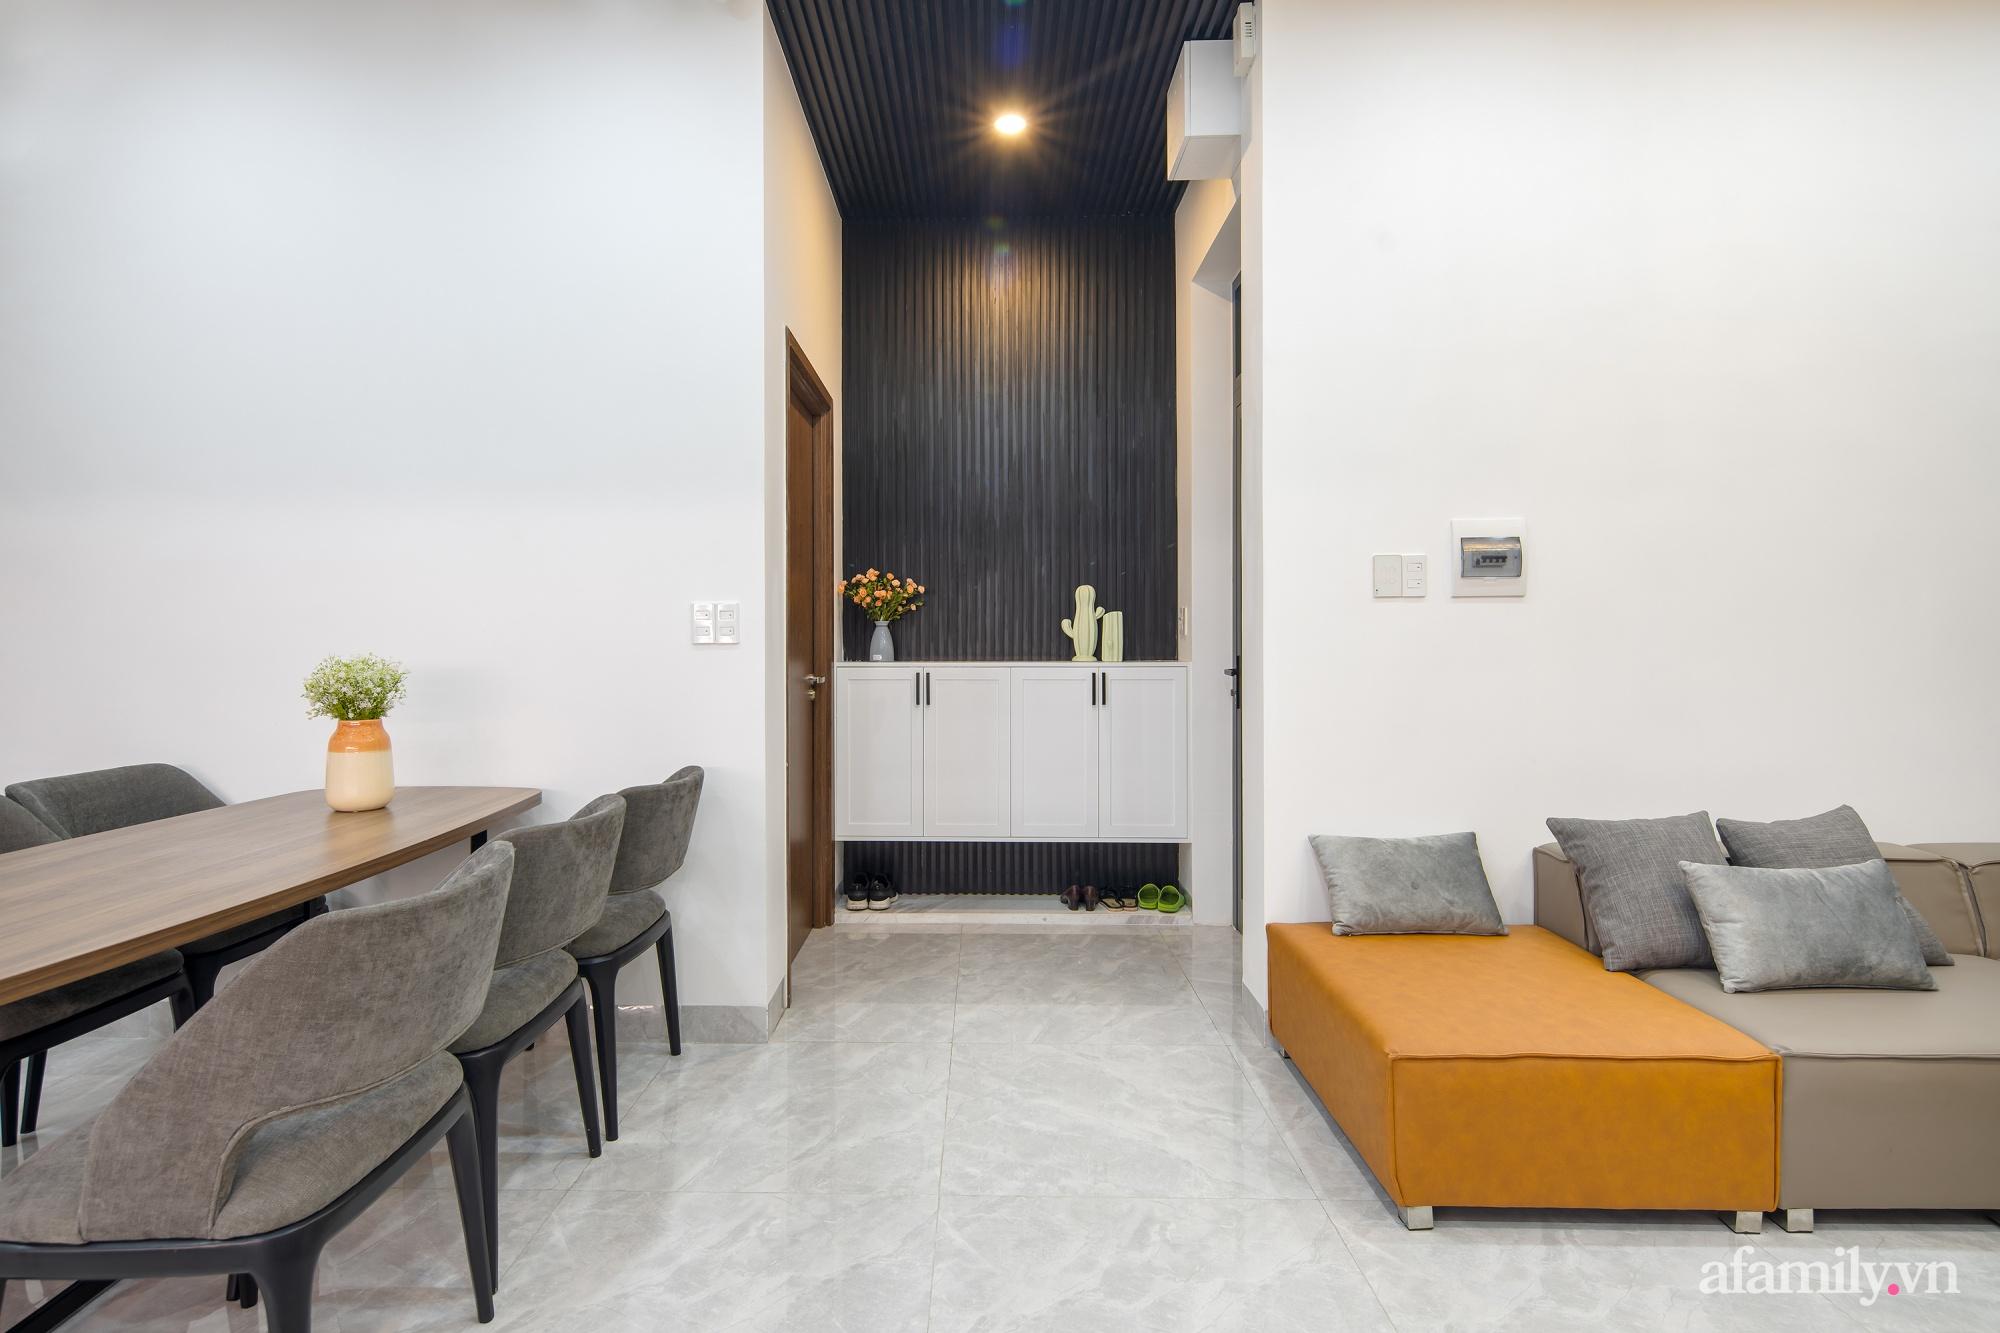 Nhà trong hẻm nhỏ vẫn ngập tràn ánh sáng, duyên dáng với nội thất tối giản ở Đà Nẵng - Ảnh 6.